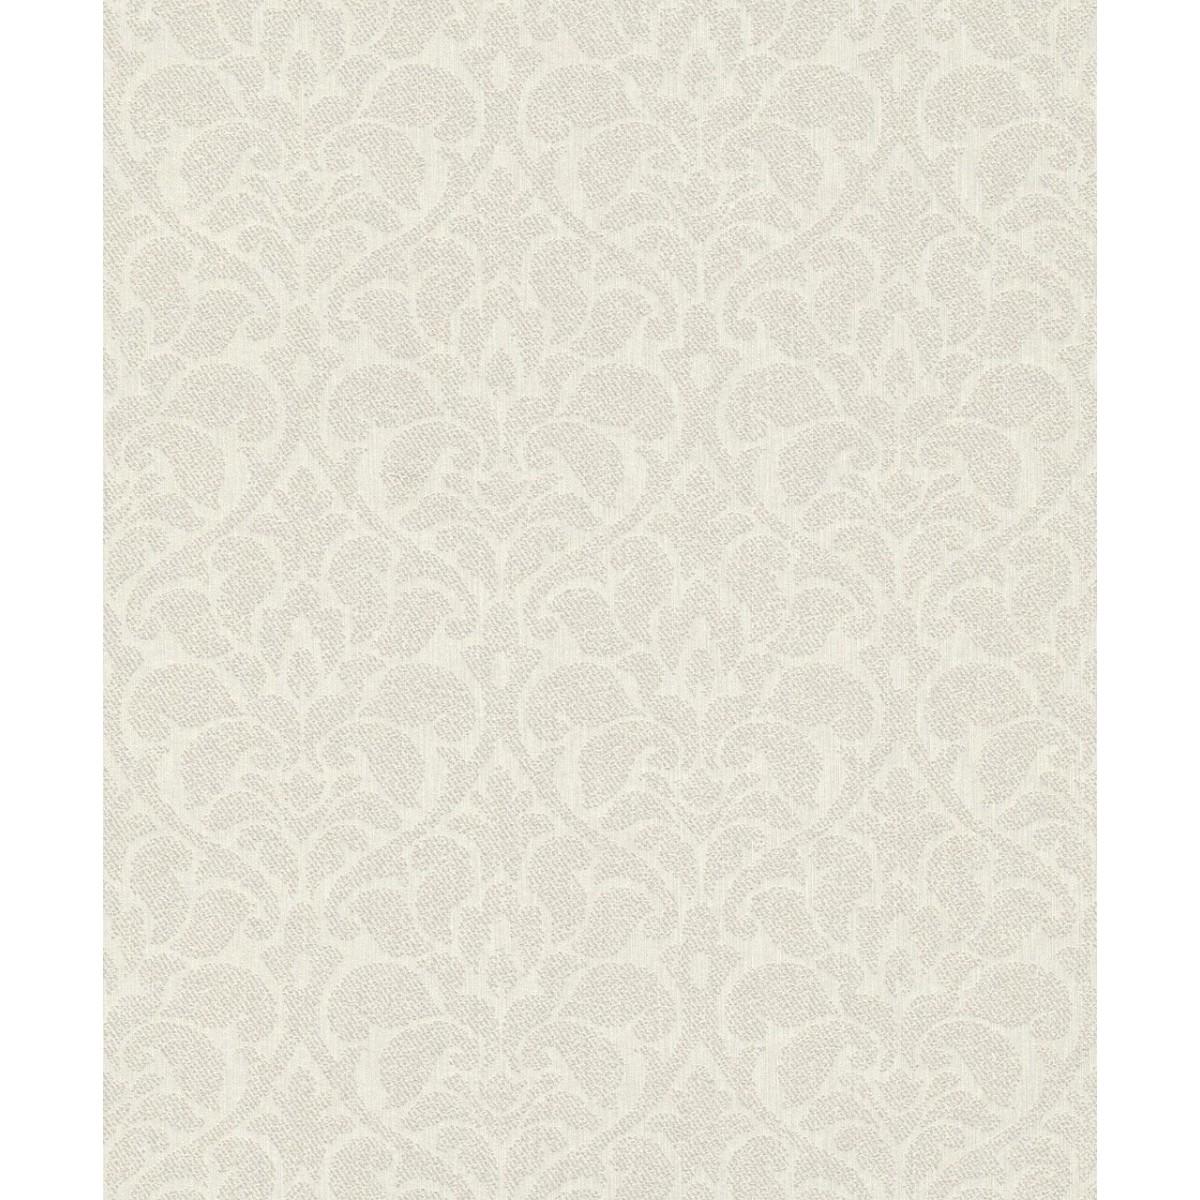 Обои текстильные Aquarelle Velluto серые 0.53 м 75037